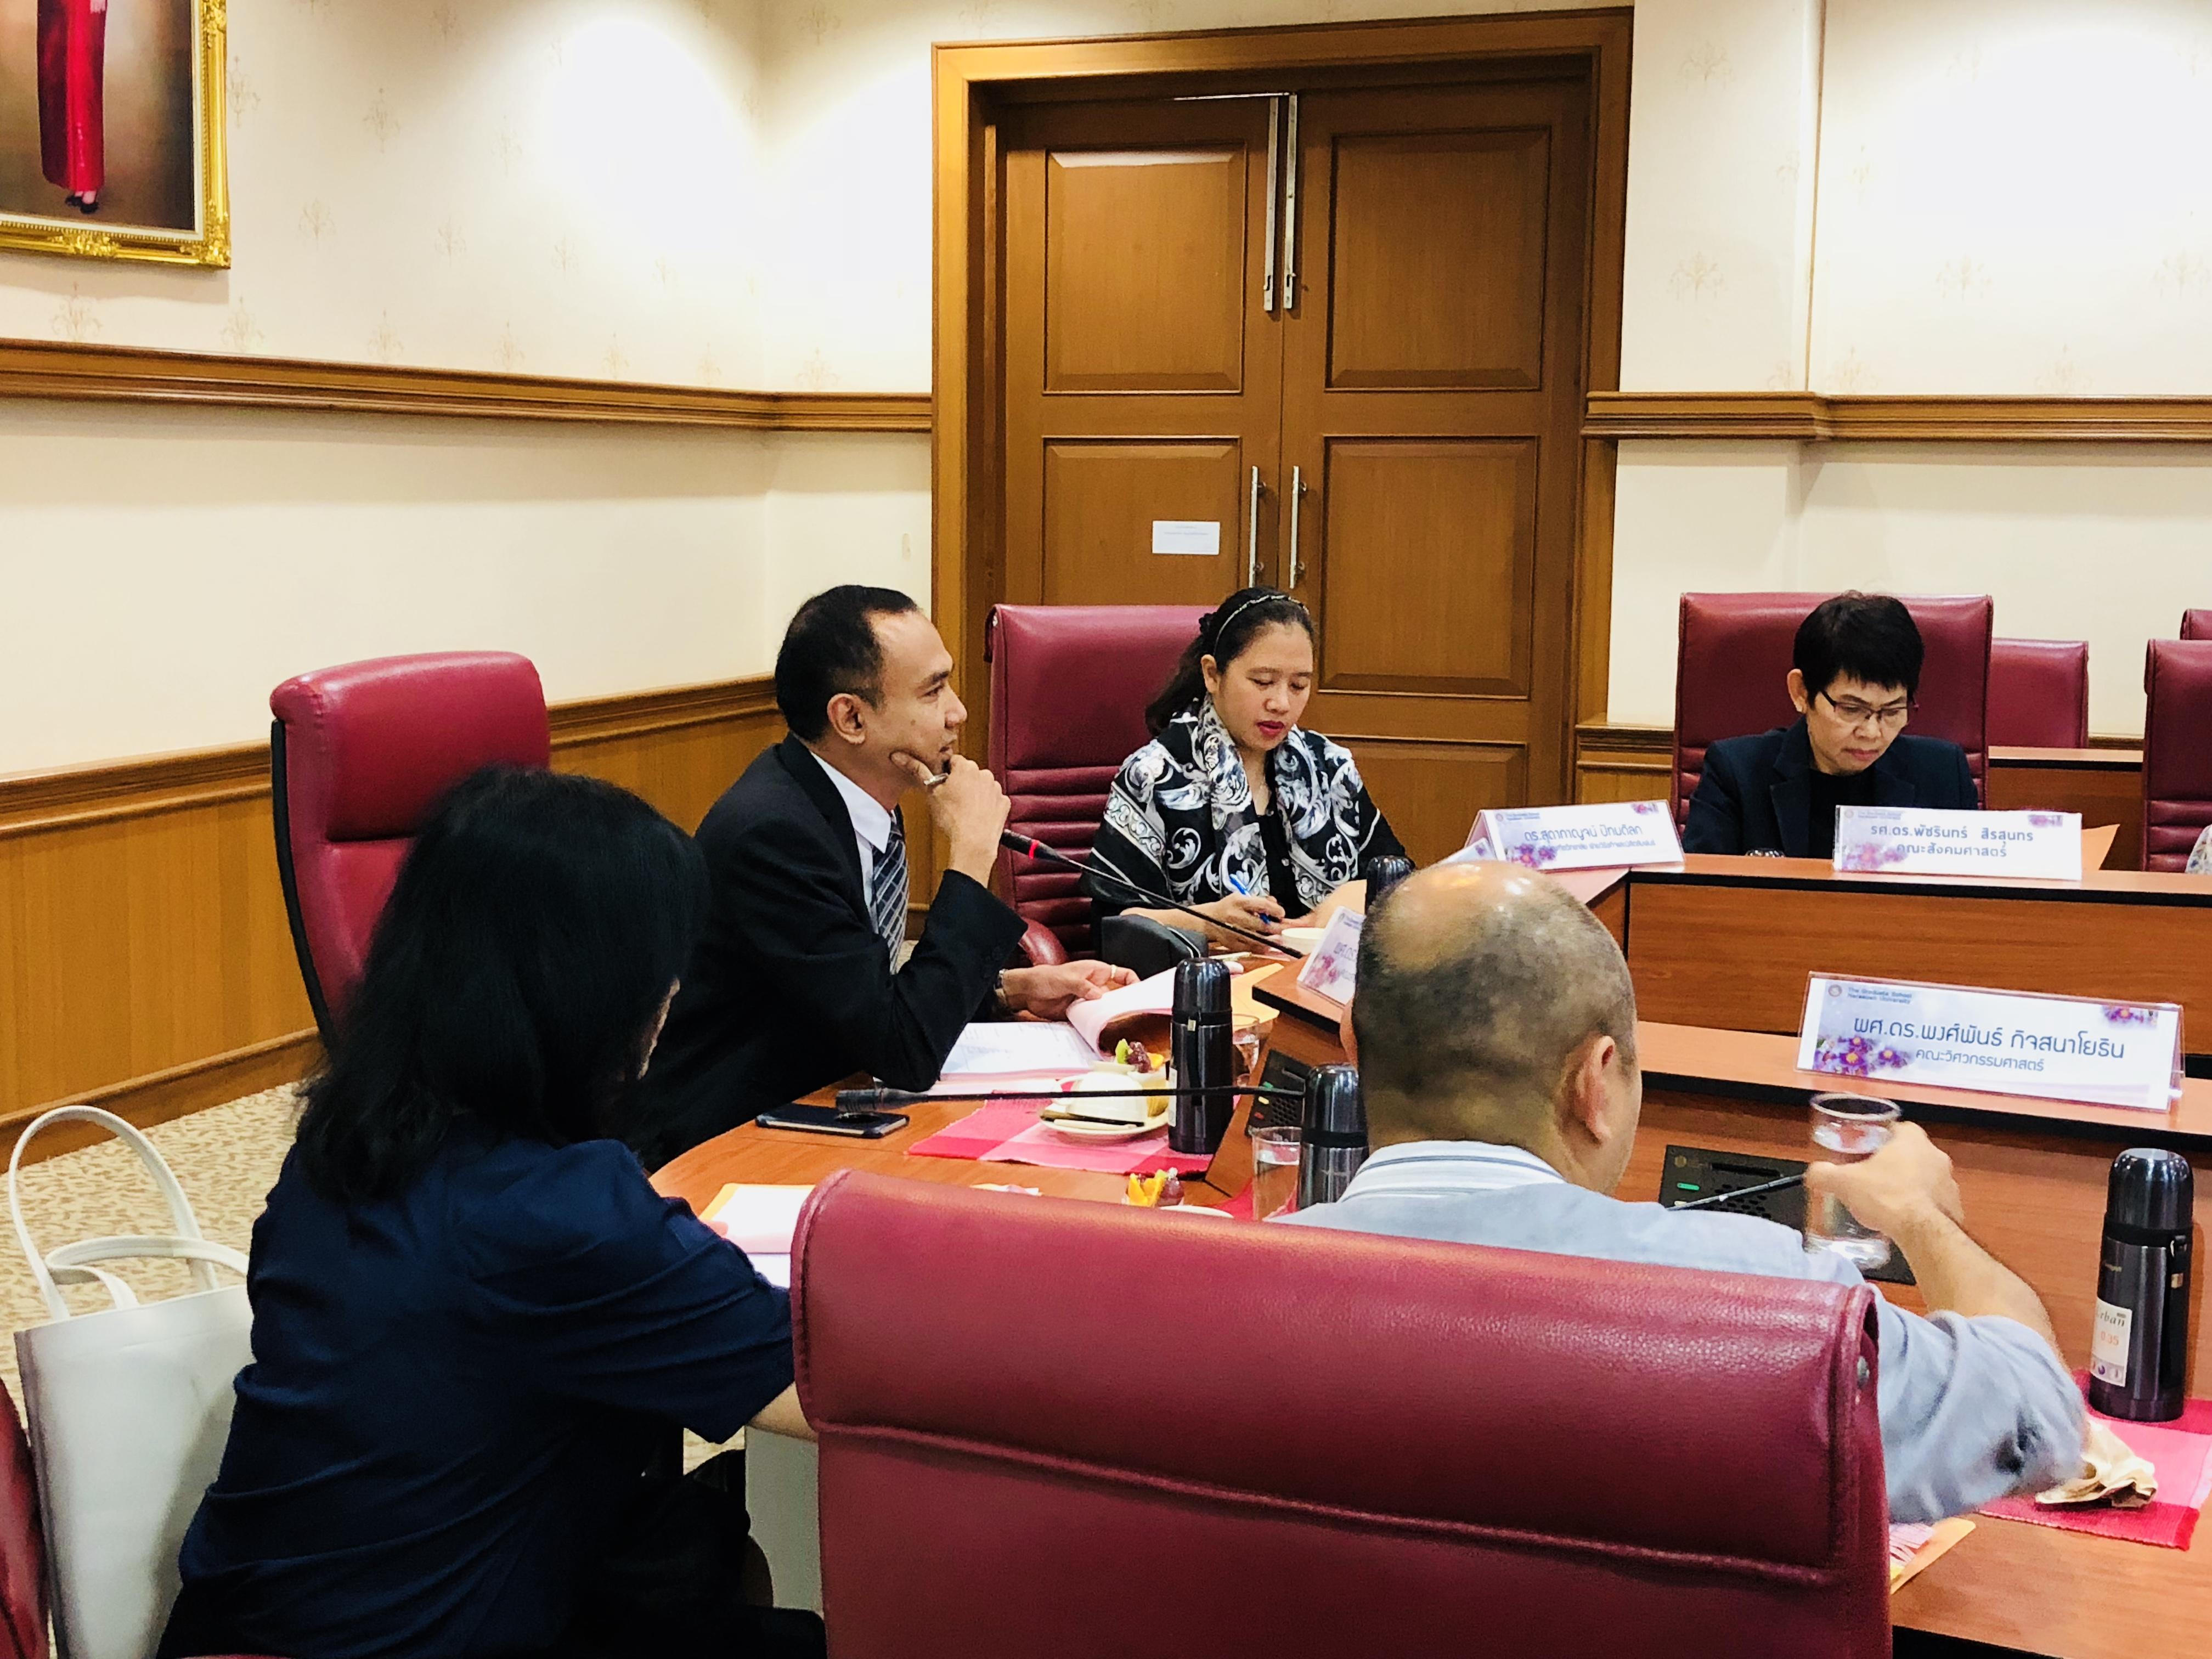 ประชุมกองบรรณาธิการ การจัดทำเอกสารสิ่งพิมพ์ทางวิชาการ ครั้งที่ 2/2561